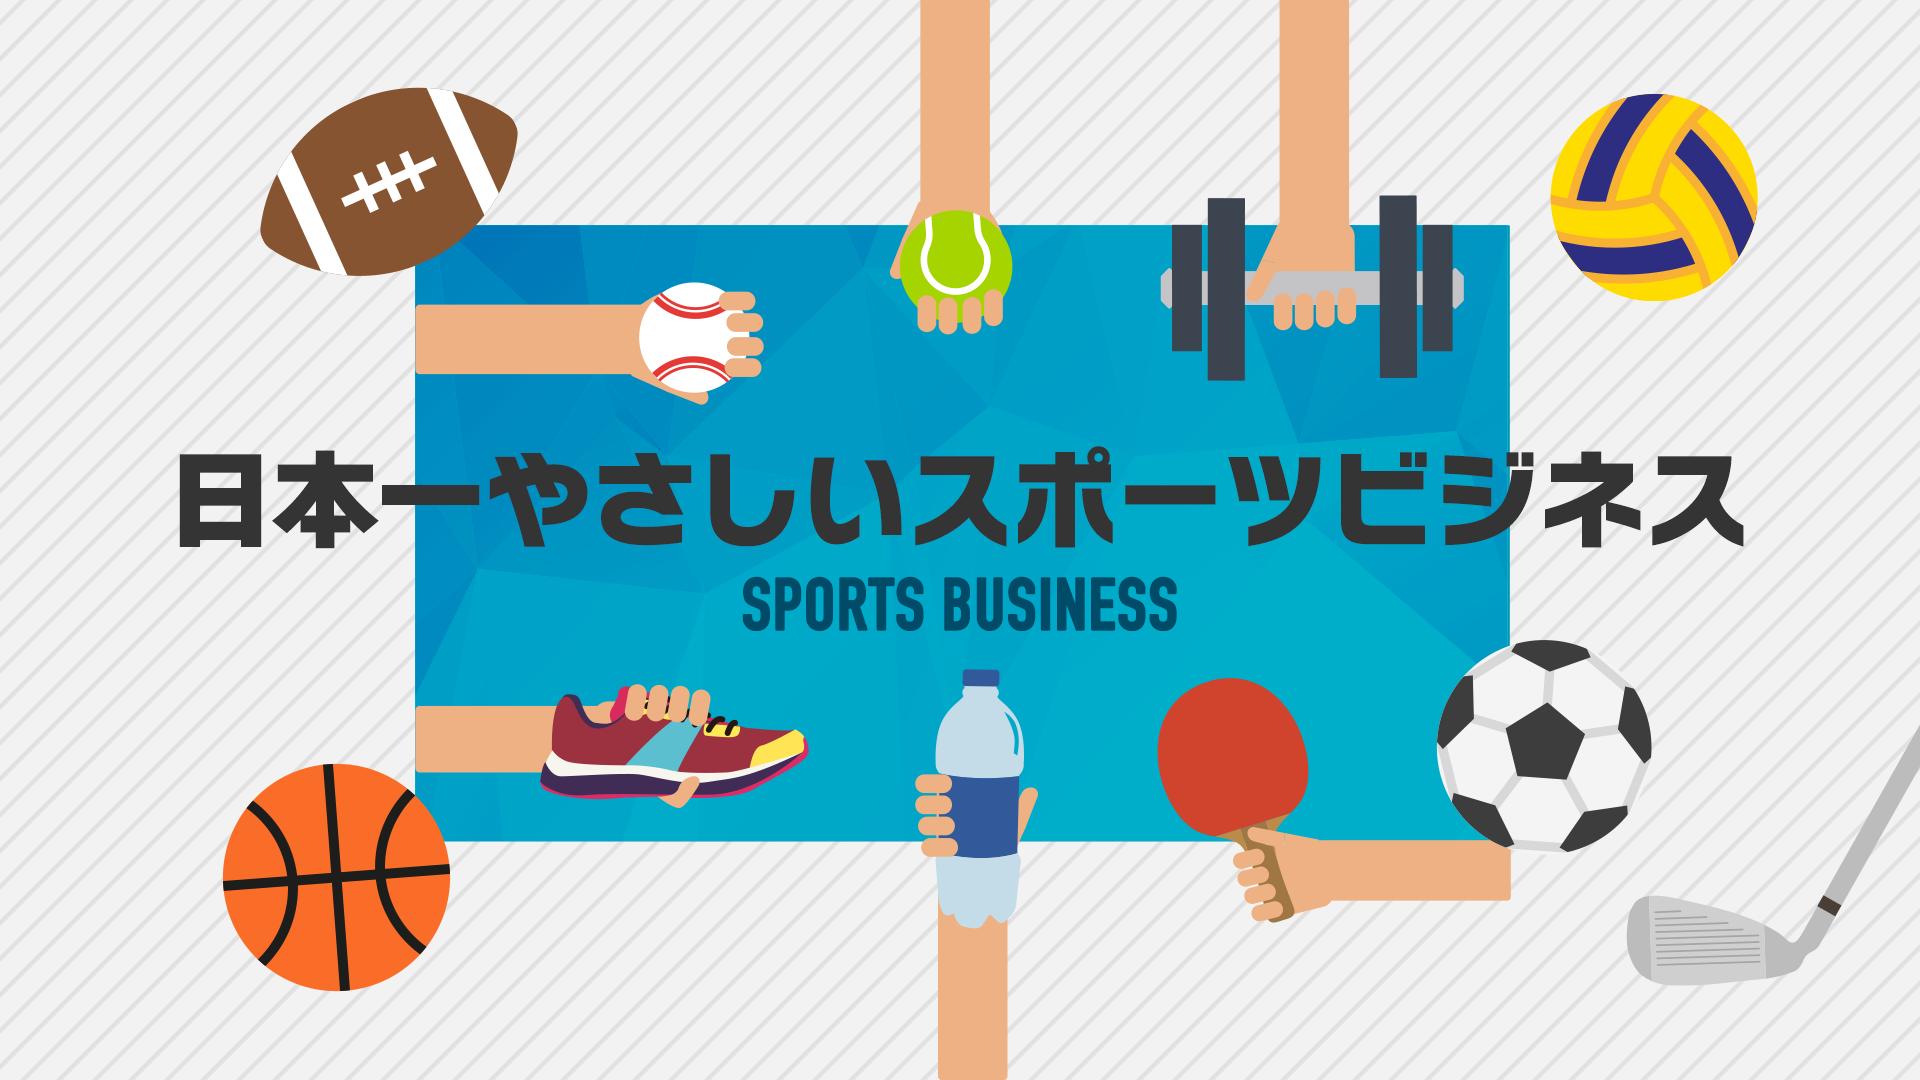 河島 徳基 - 日本一やさしいスポーツビジネス - DMM オンラインサロン